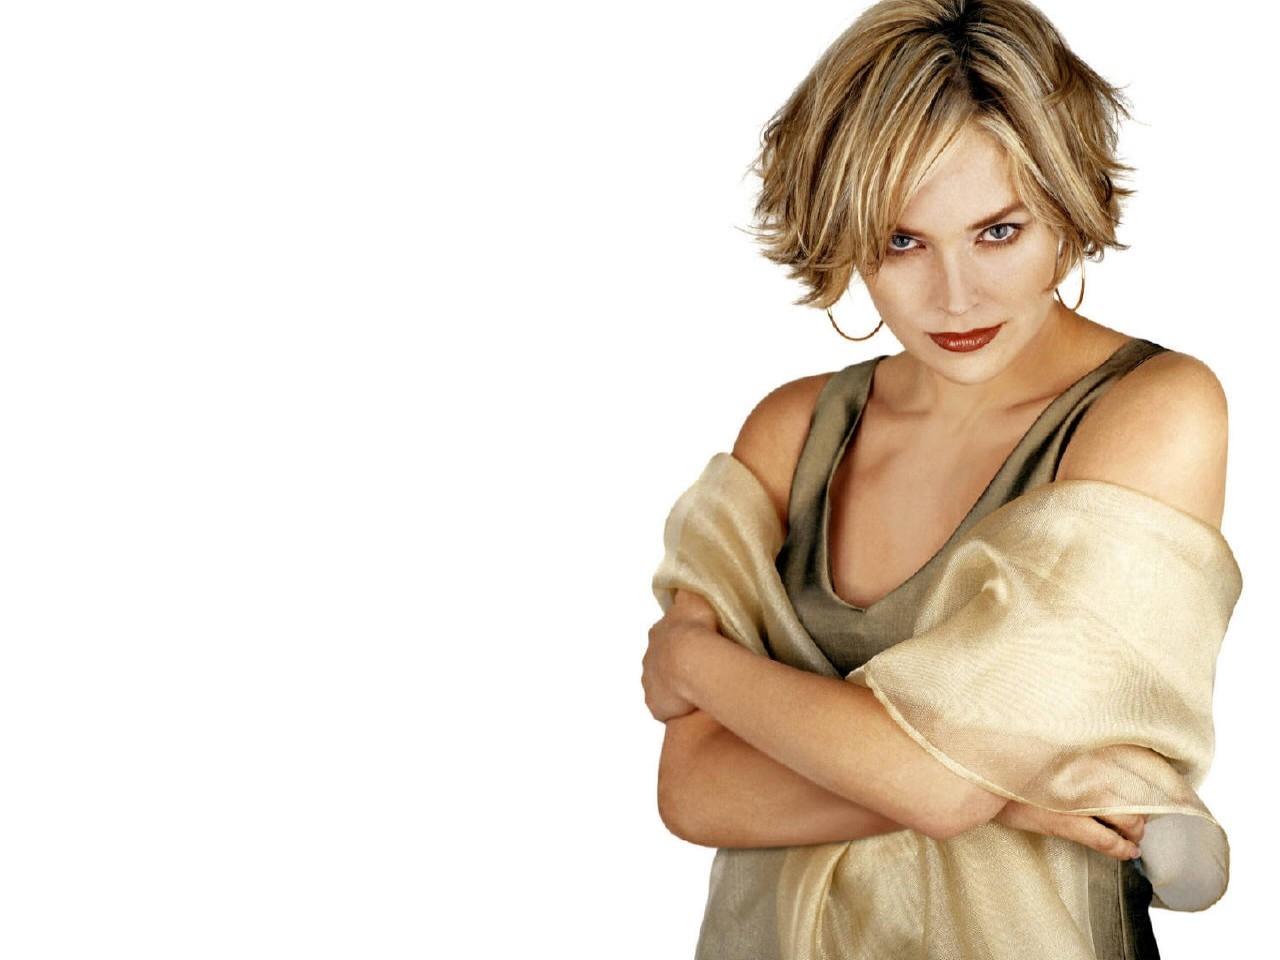 Wallpaper - sguardo da gatta per Sharon Stone